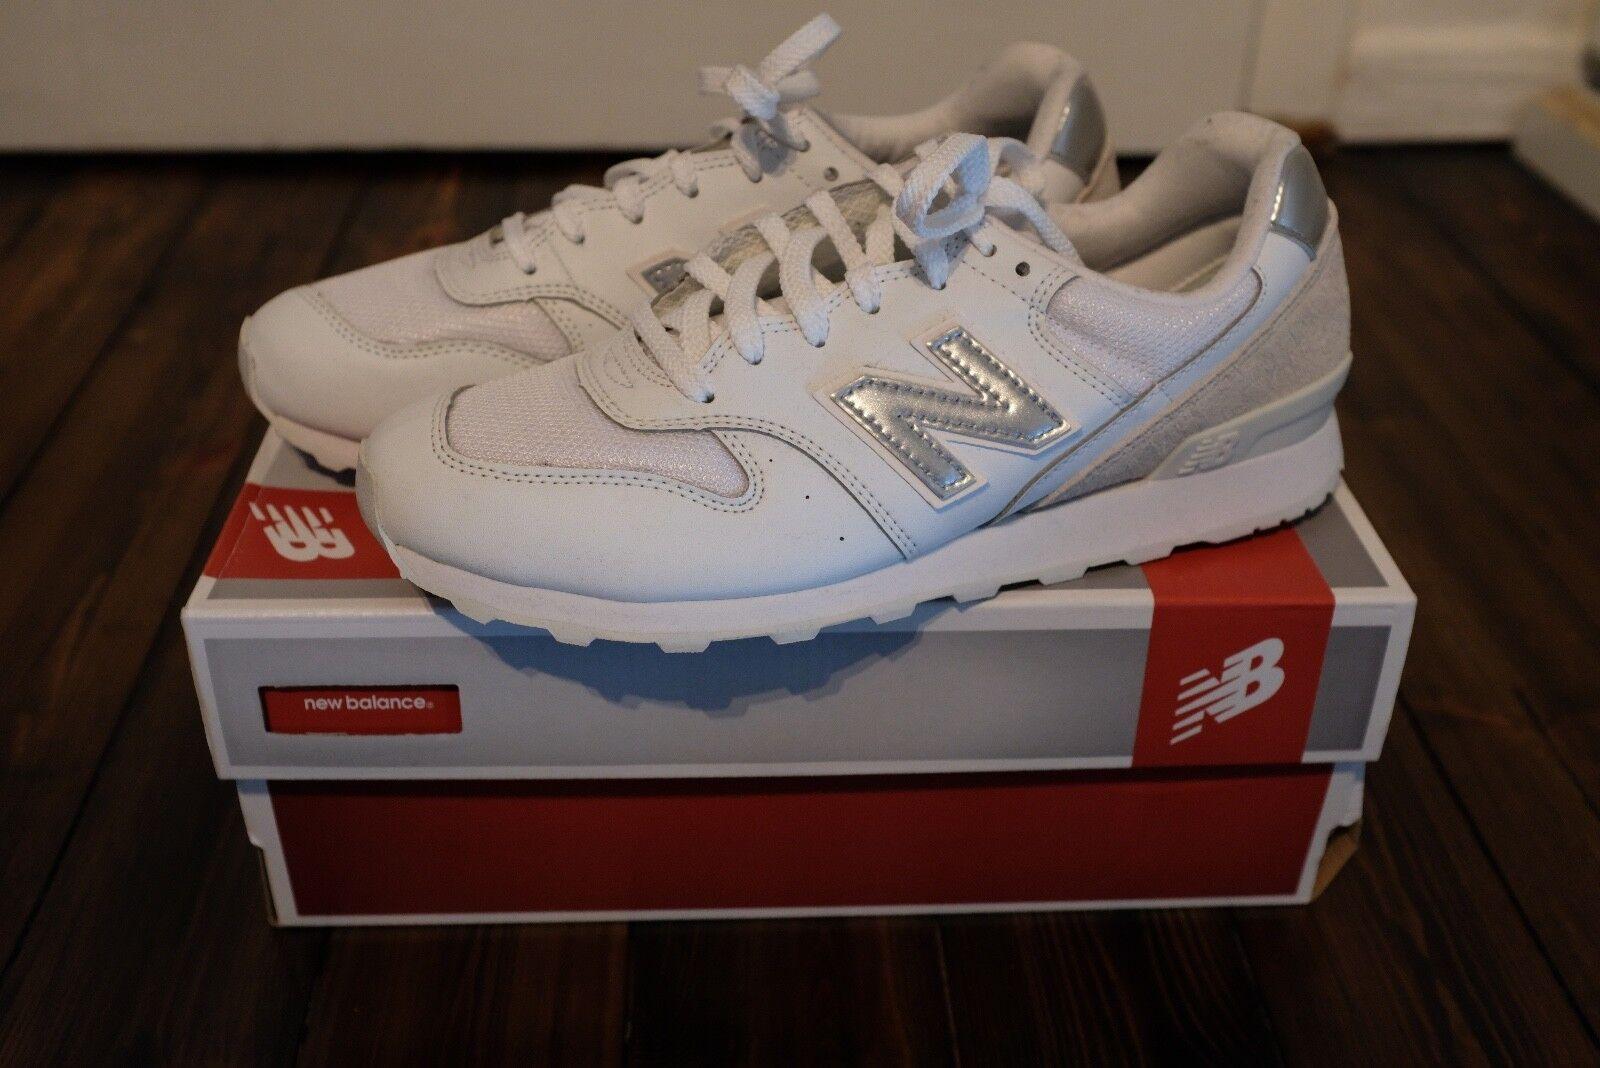 New - Balance - Damen Sneaker - New WR 996 -  weiß - EUR 41- NEU f7fb9e